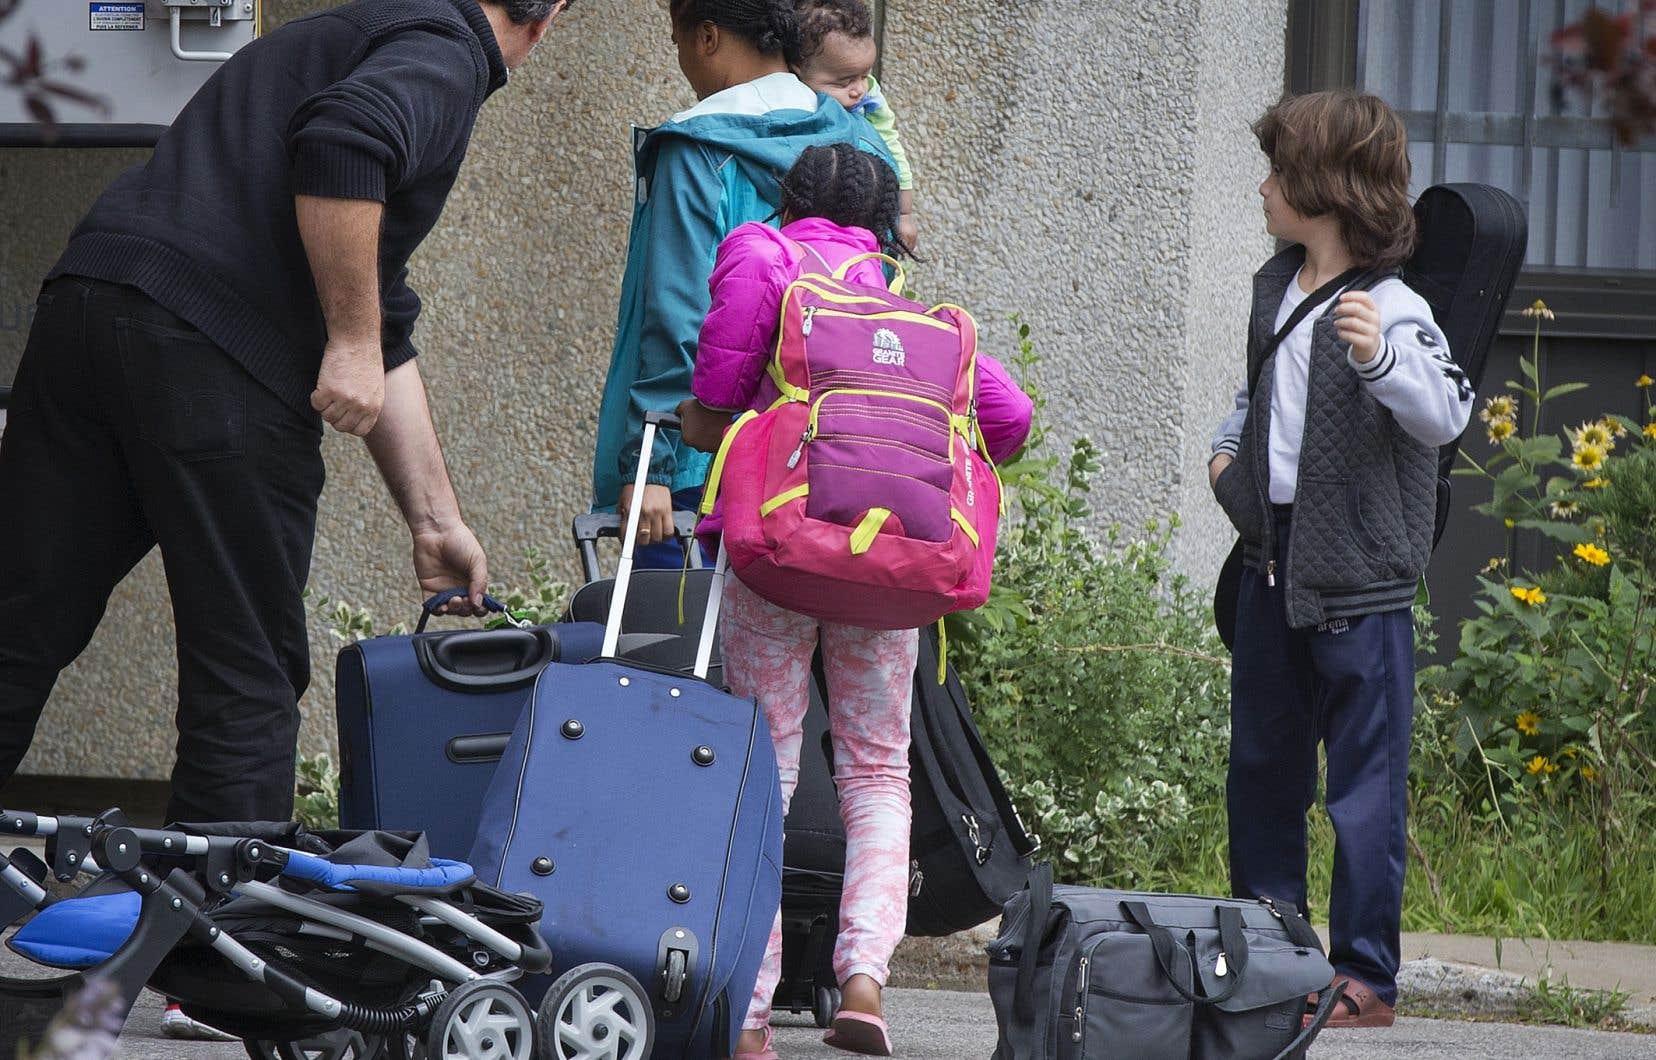 «Comme le montre l'étude que nous venons de terminer à Montréal, les femmes migrantes (et leur famille) sans assurance publique de santé doivent souvent renoncer aux soins, le plus souvent pour des raisons financières», souligne l'auteur.